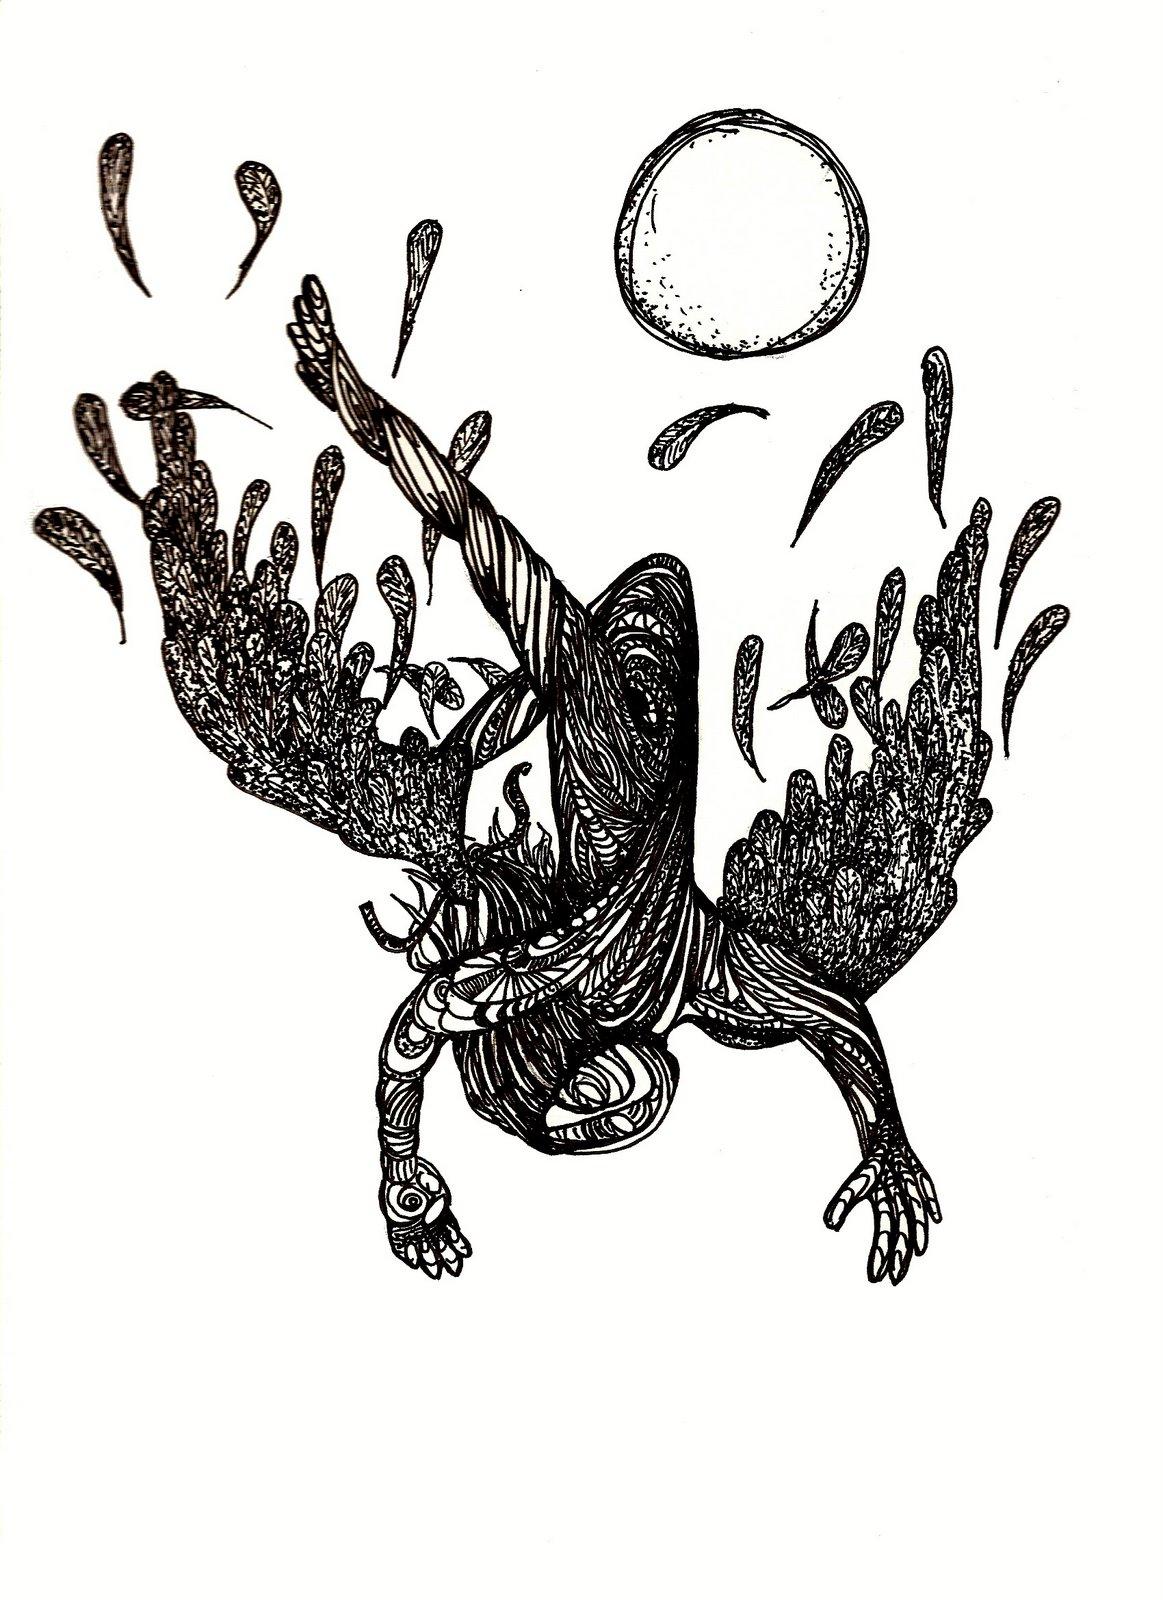 [Icarus02.jpg]